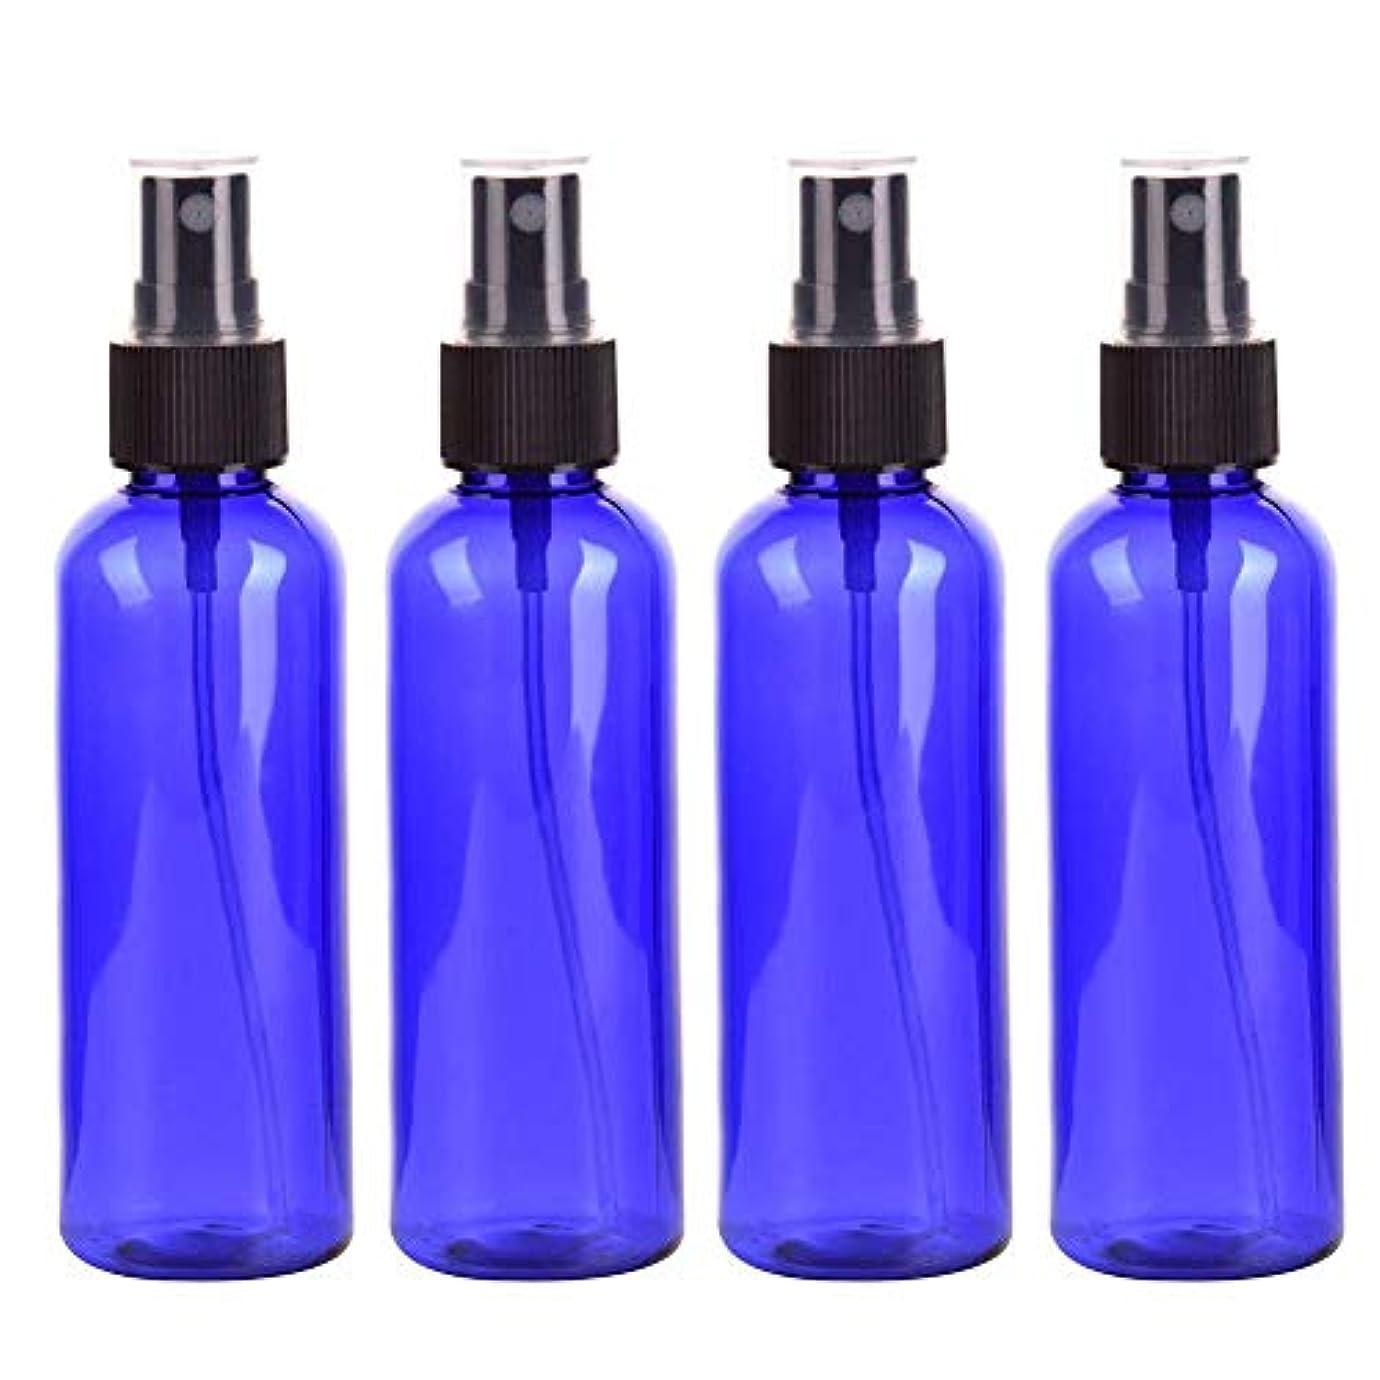 ベンチ逆姓スプレーボトル 化粧品ボトル 霧吹き 漏れ防止 化 PETボトル プラスチック 100ML 4本